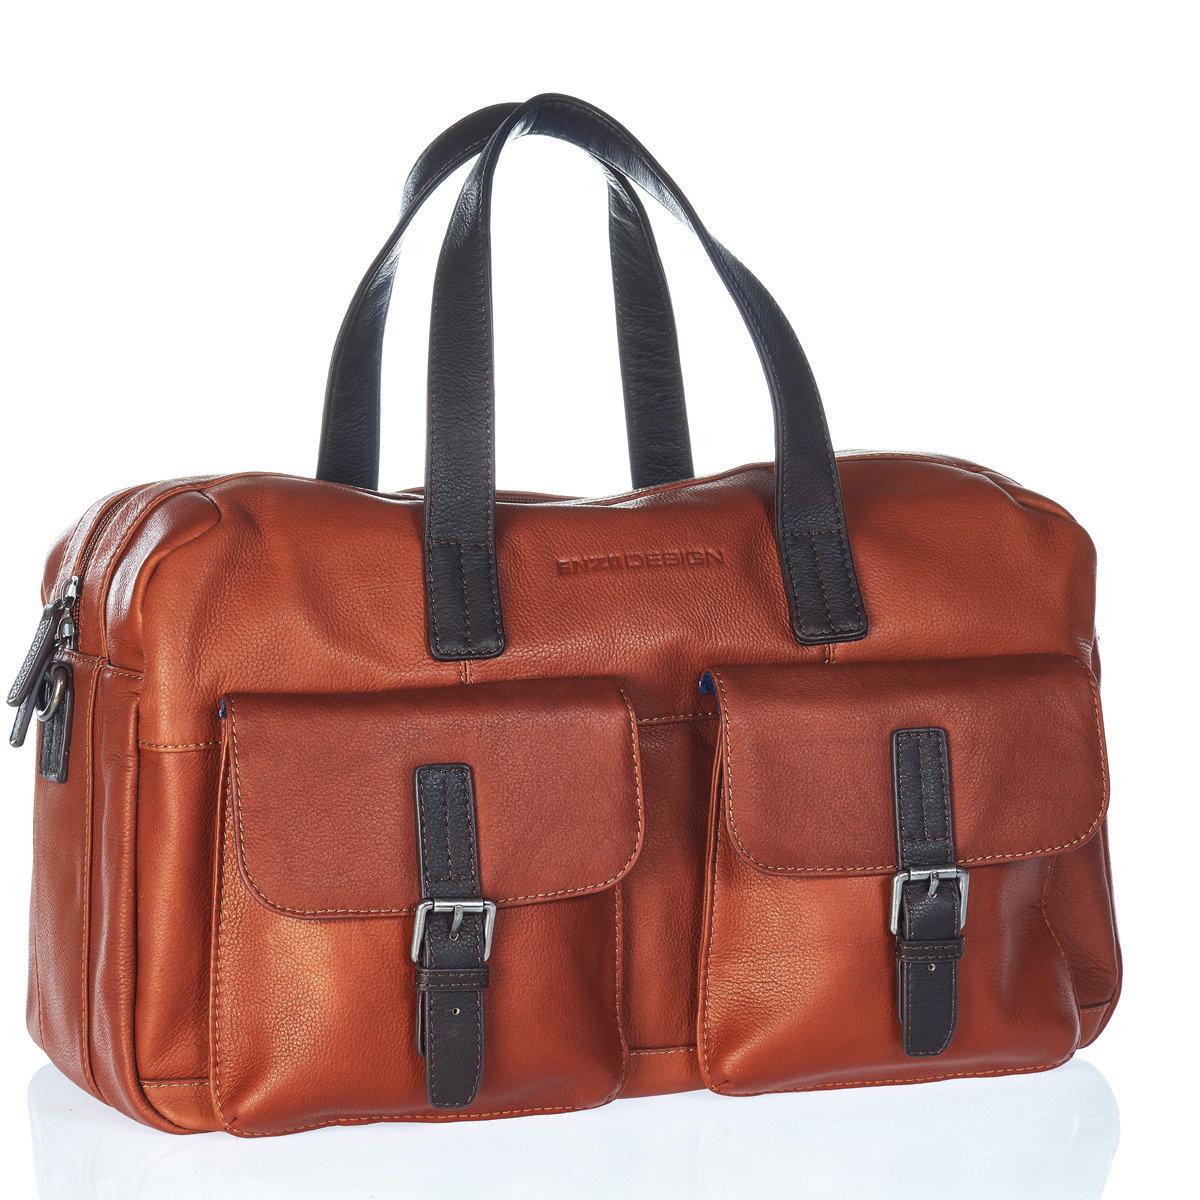 全皮手挽袋Small Leather GYM BAG(可上膊)